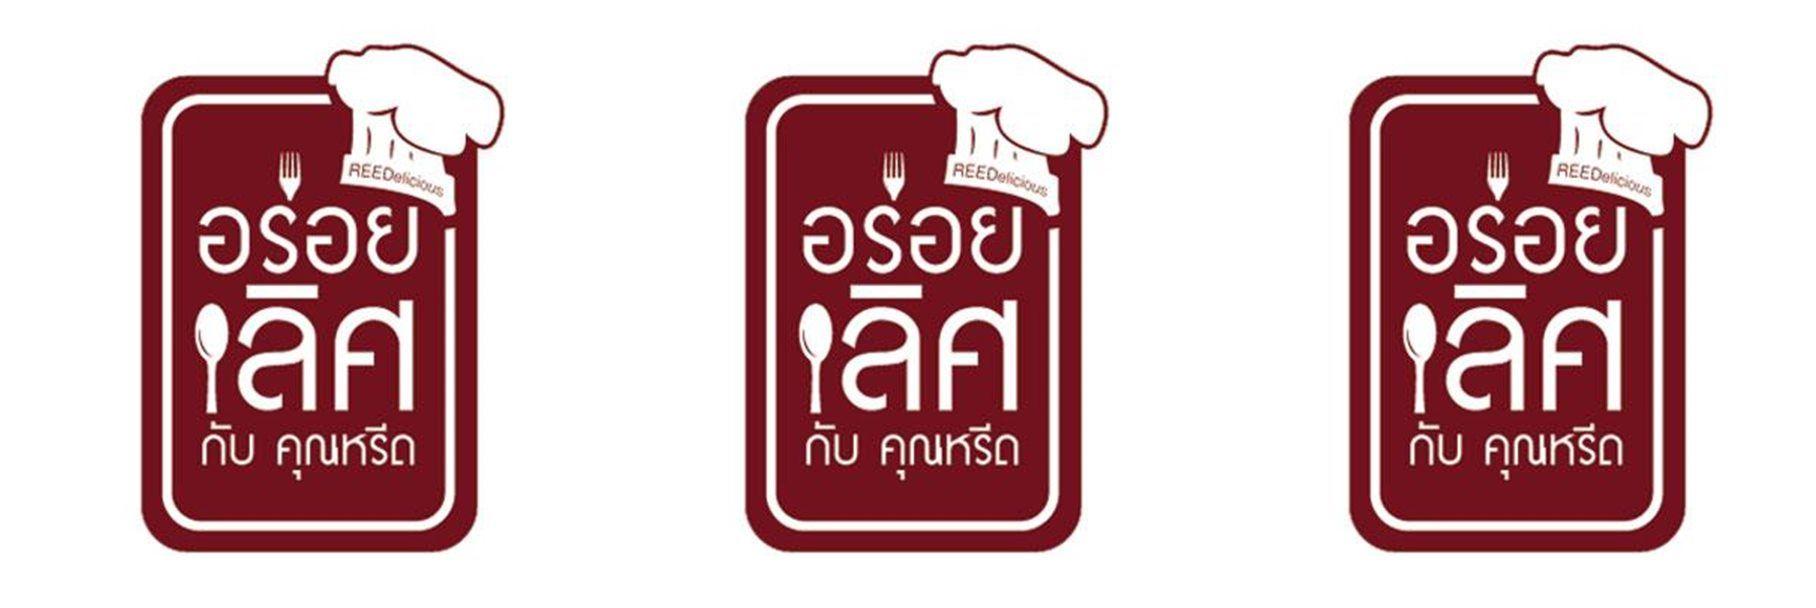 ดูละครย้อนหลัง ห้องอาหารจีน เหม่ยเซียน (ครั้งที่ 2) I อร่อยเลิศกับคุณหรีด